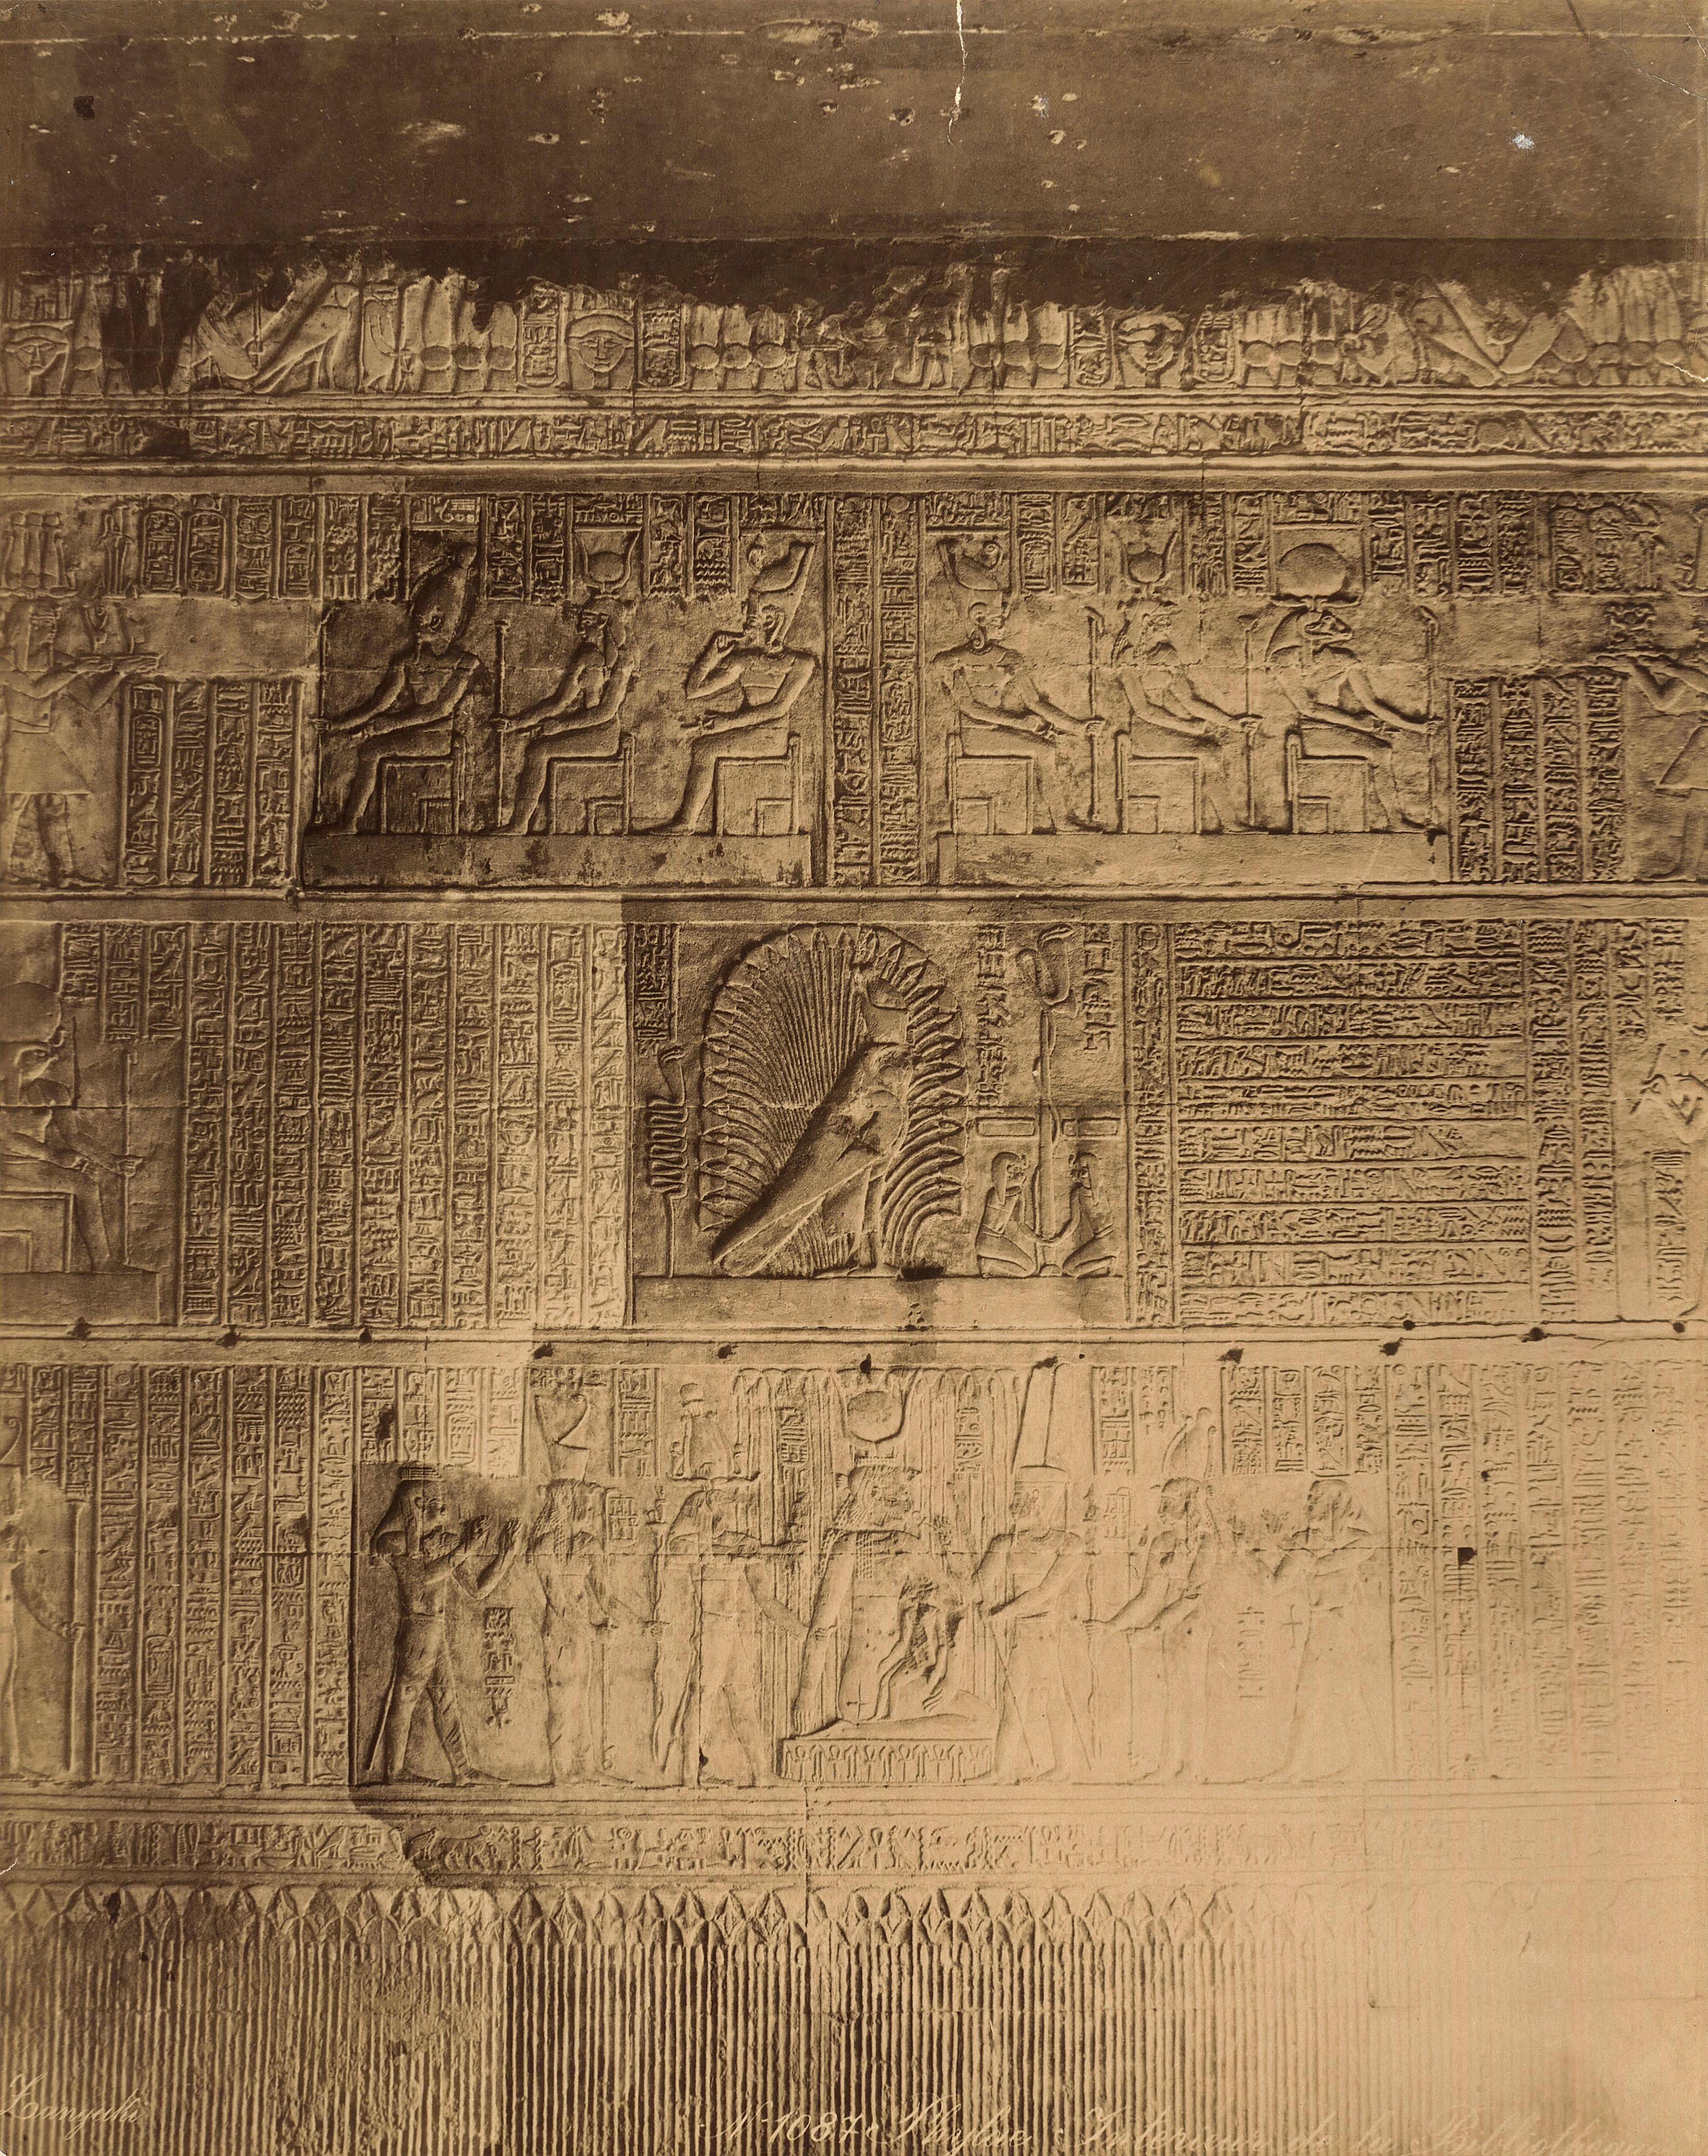 Филе. Рельеф стены в храме Исиды